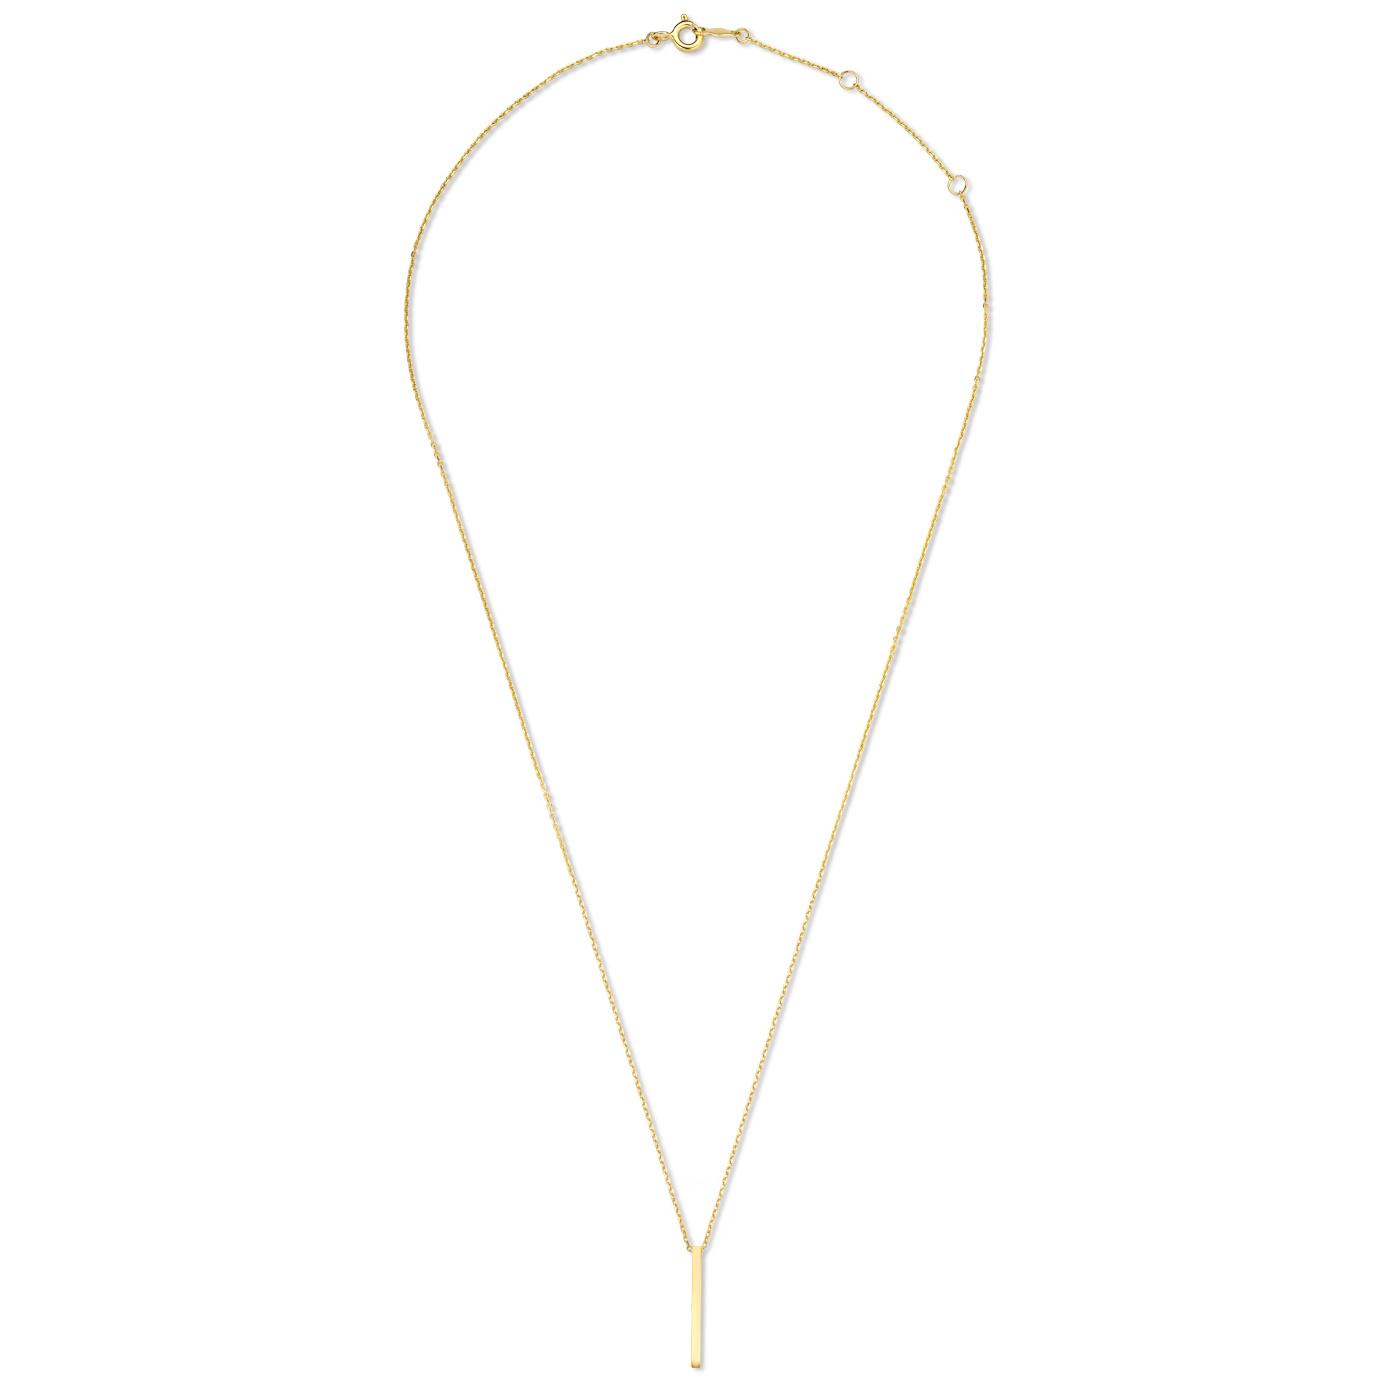 Isabel Bernard Le Marais Eloise 14 karaat gouden collier bar